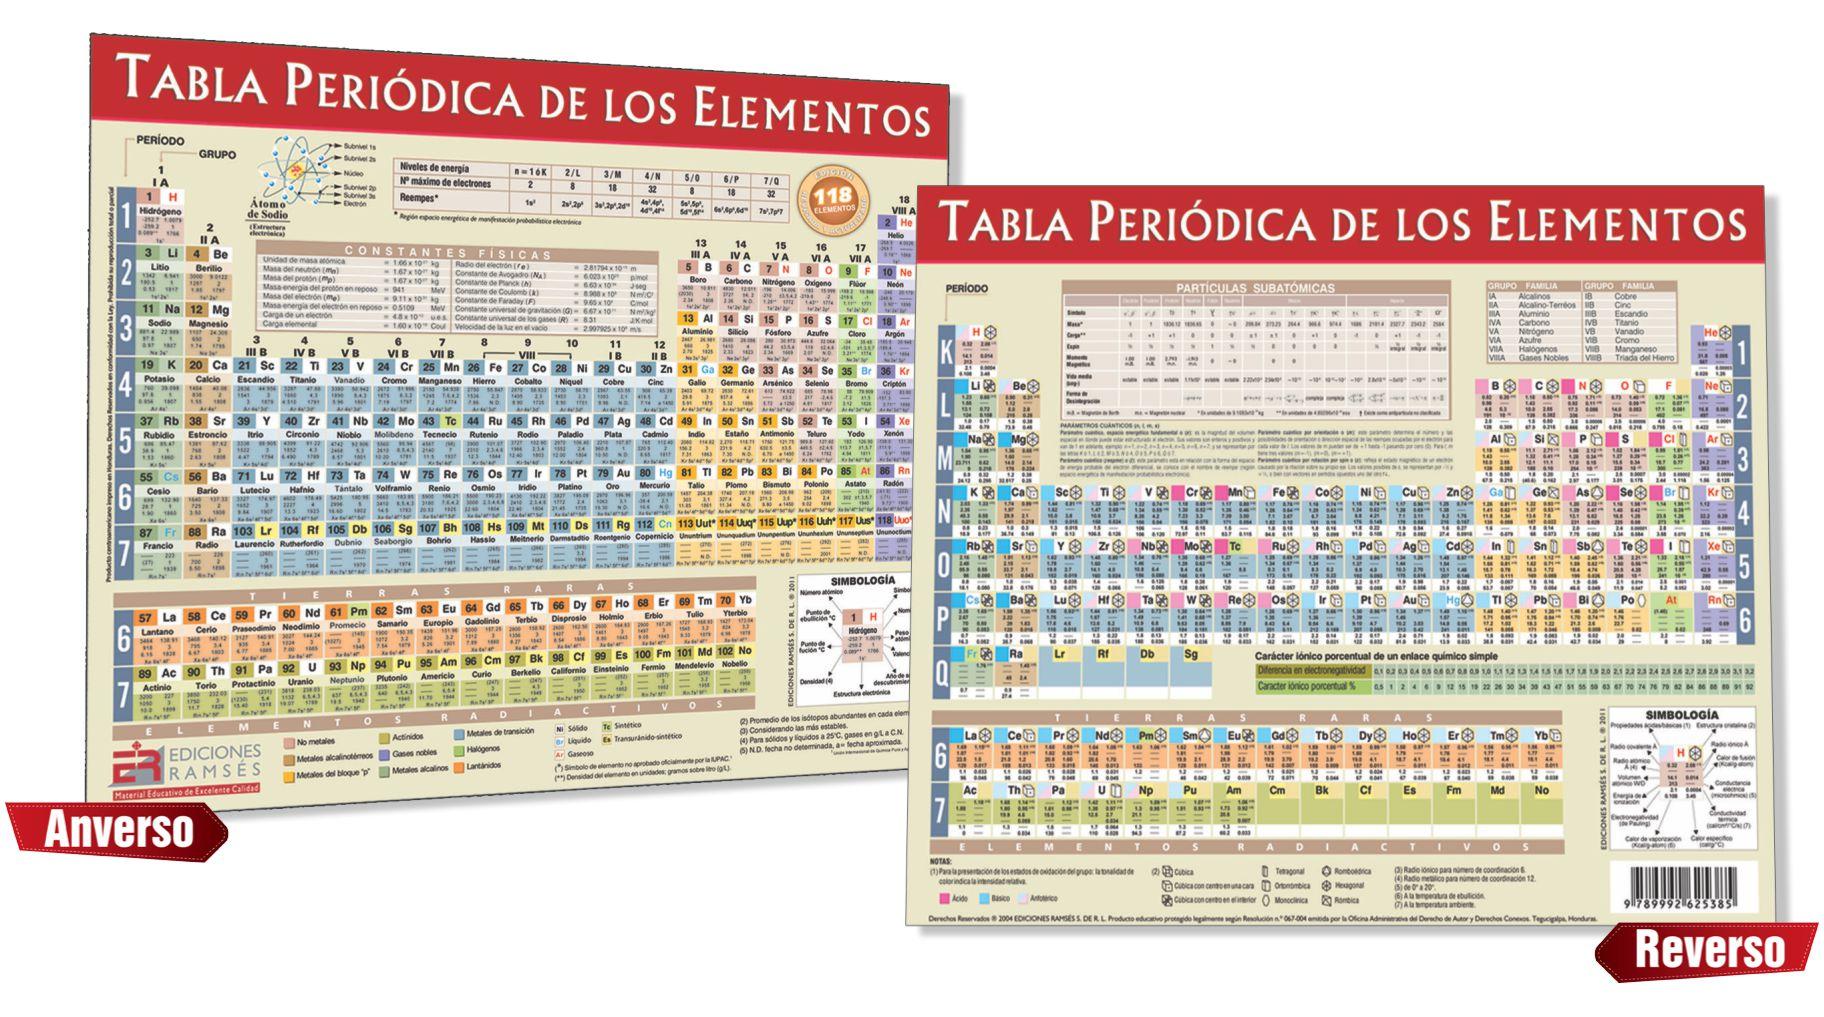 Tabla peridica de los elementos grande edicin tradicional tabla peridica de los elementos grande edicin tradicional urtaz Gallery